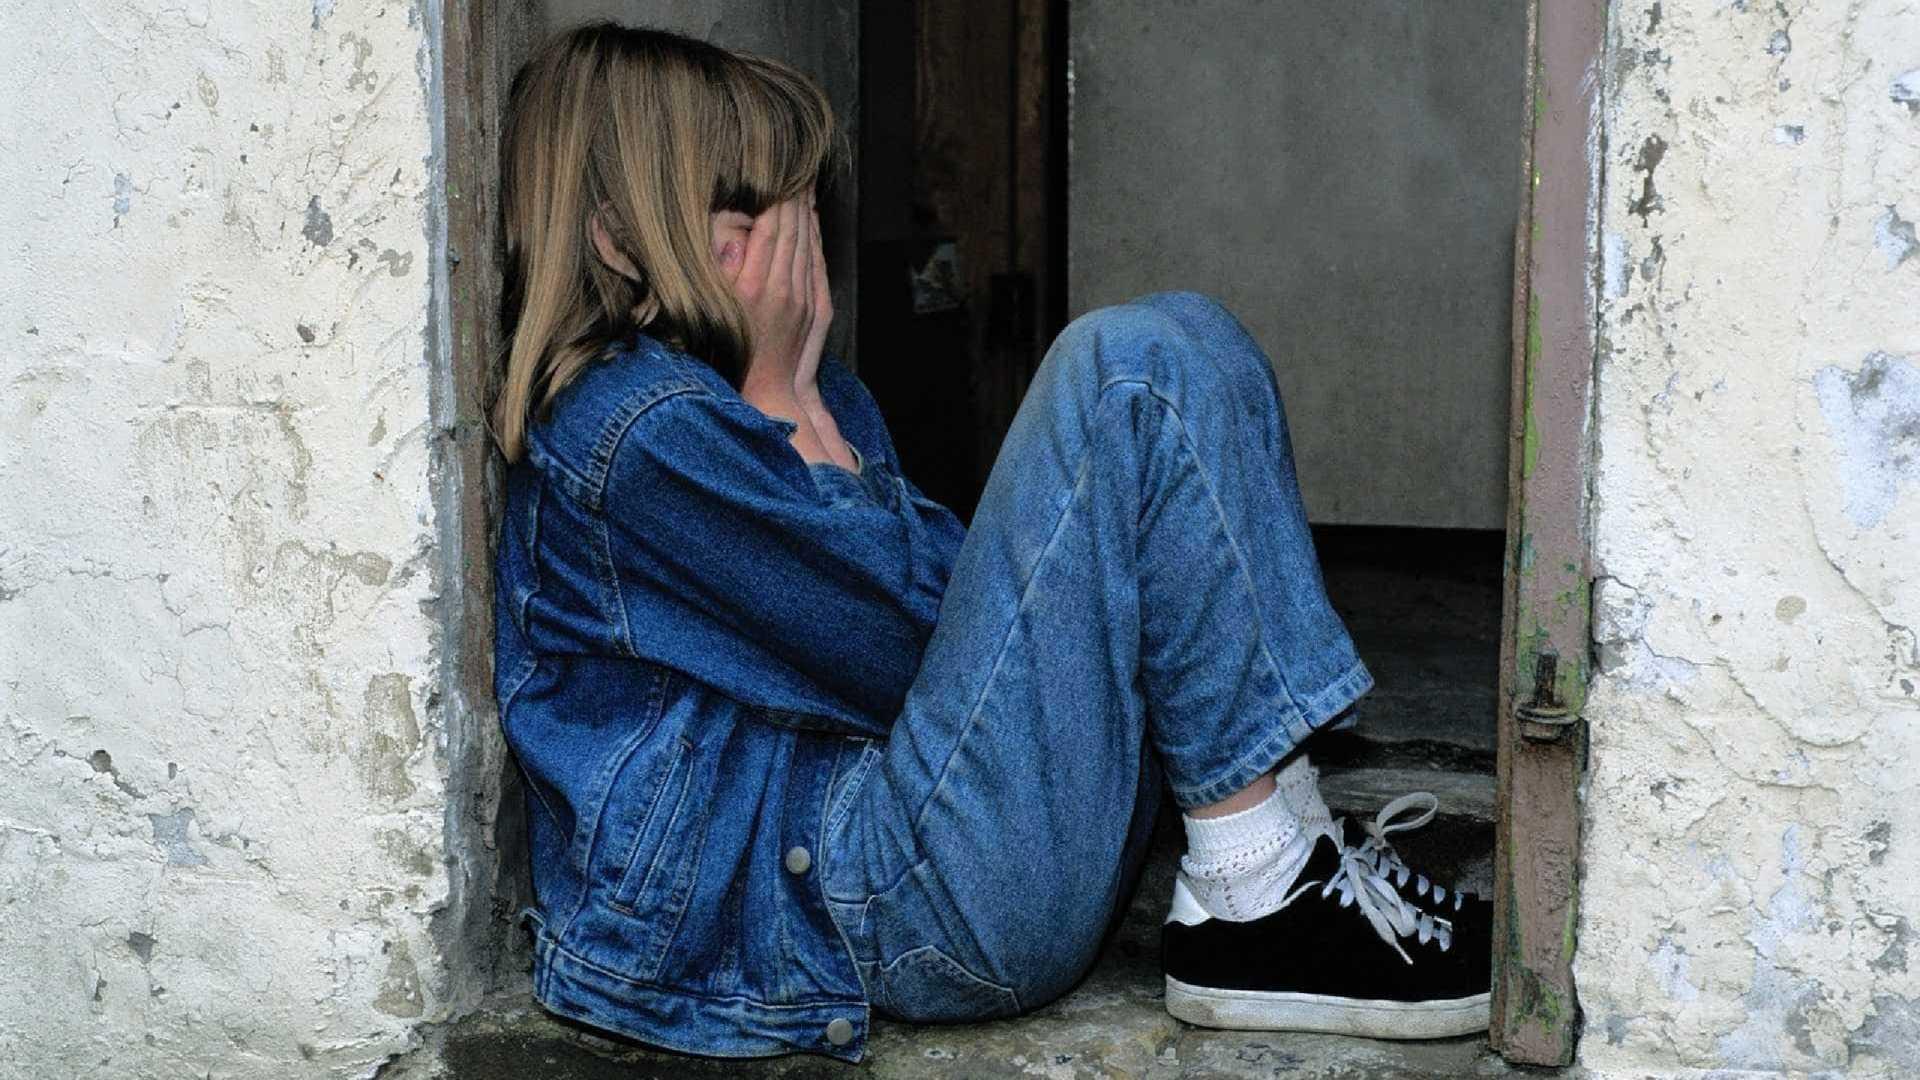 Mãe denuncia marido ao descobrir estupro da filha de 13 anos